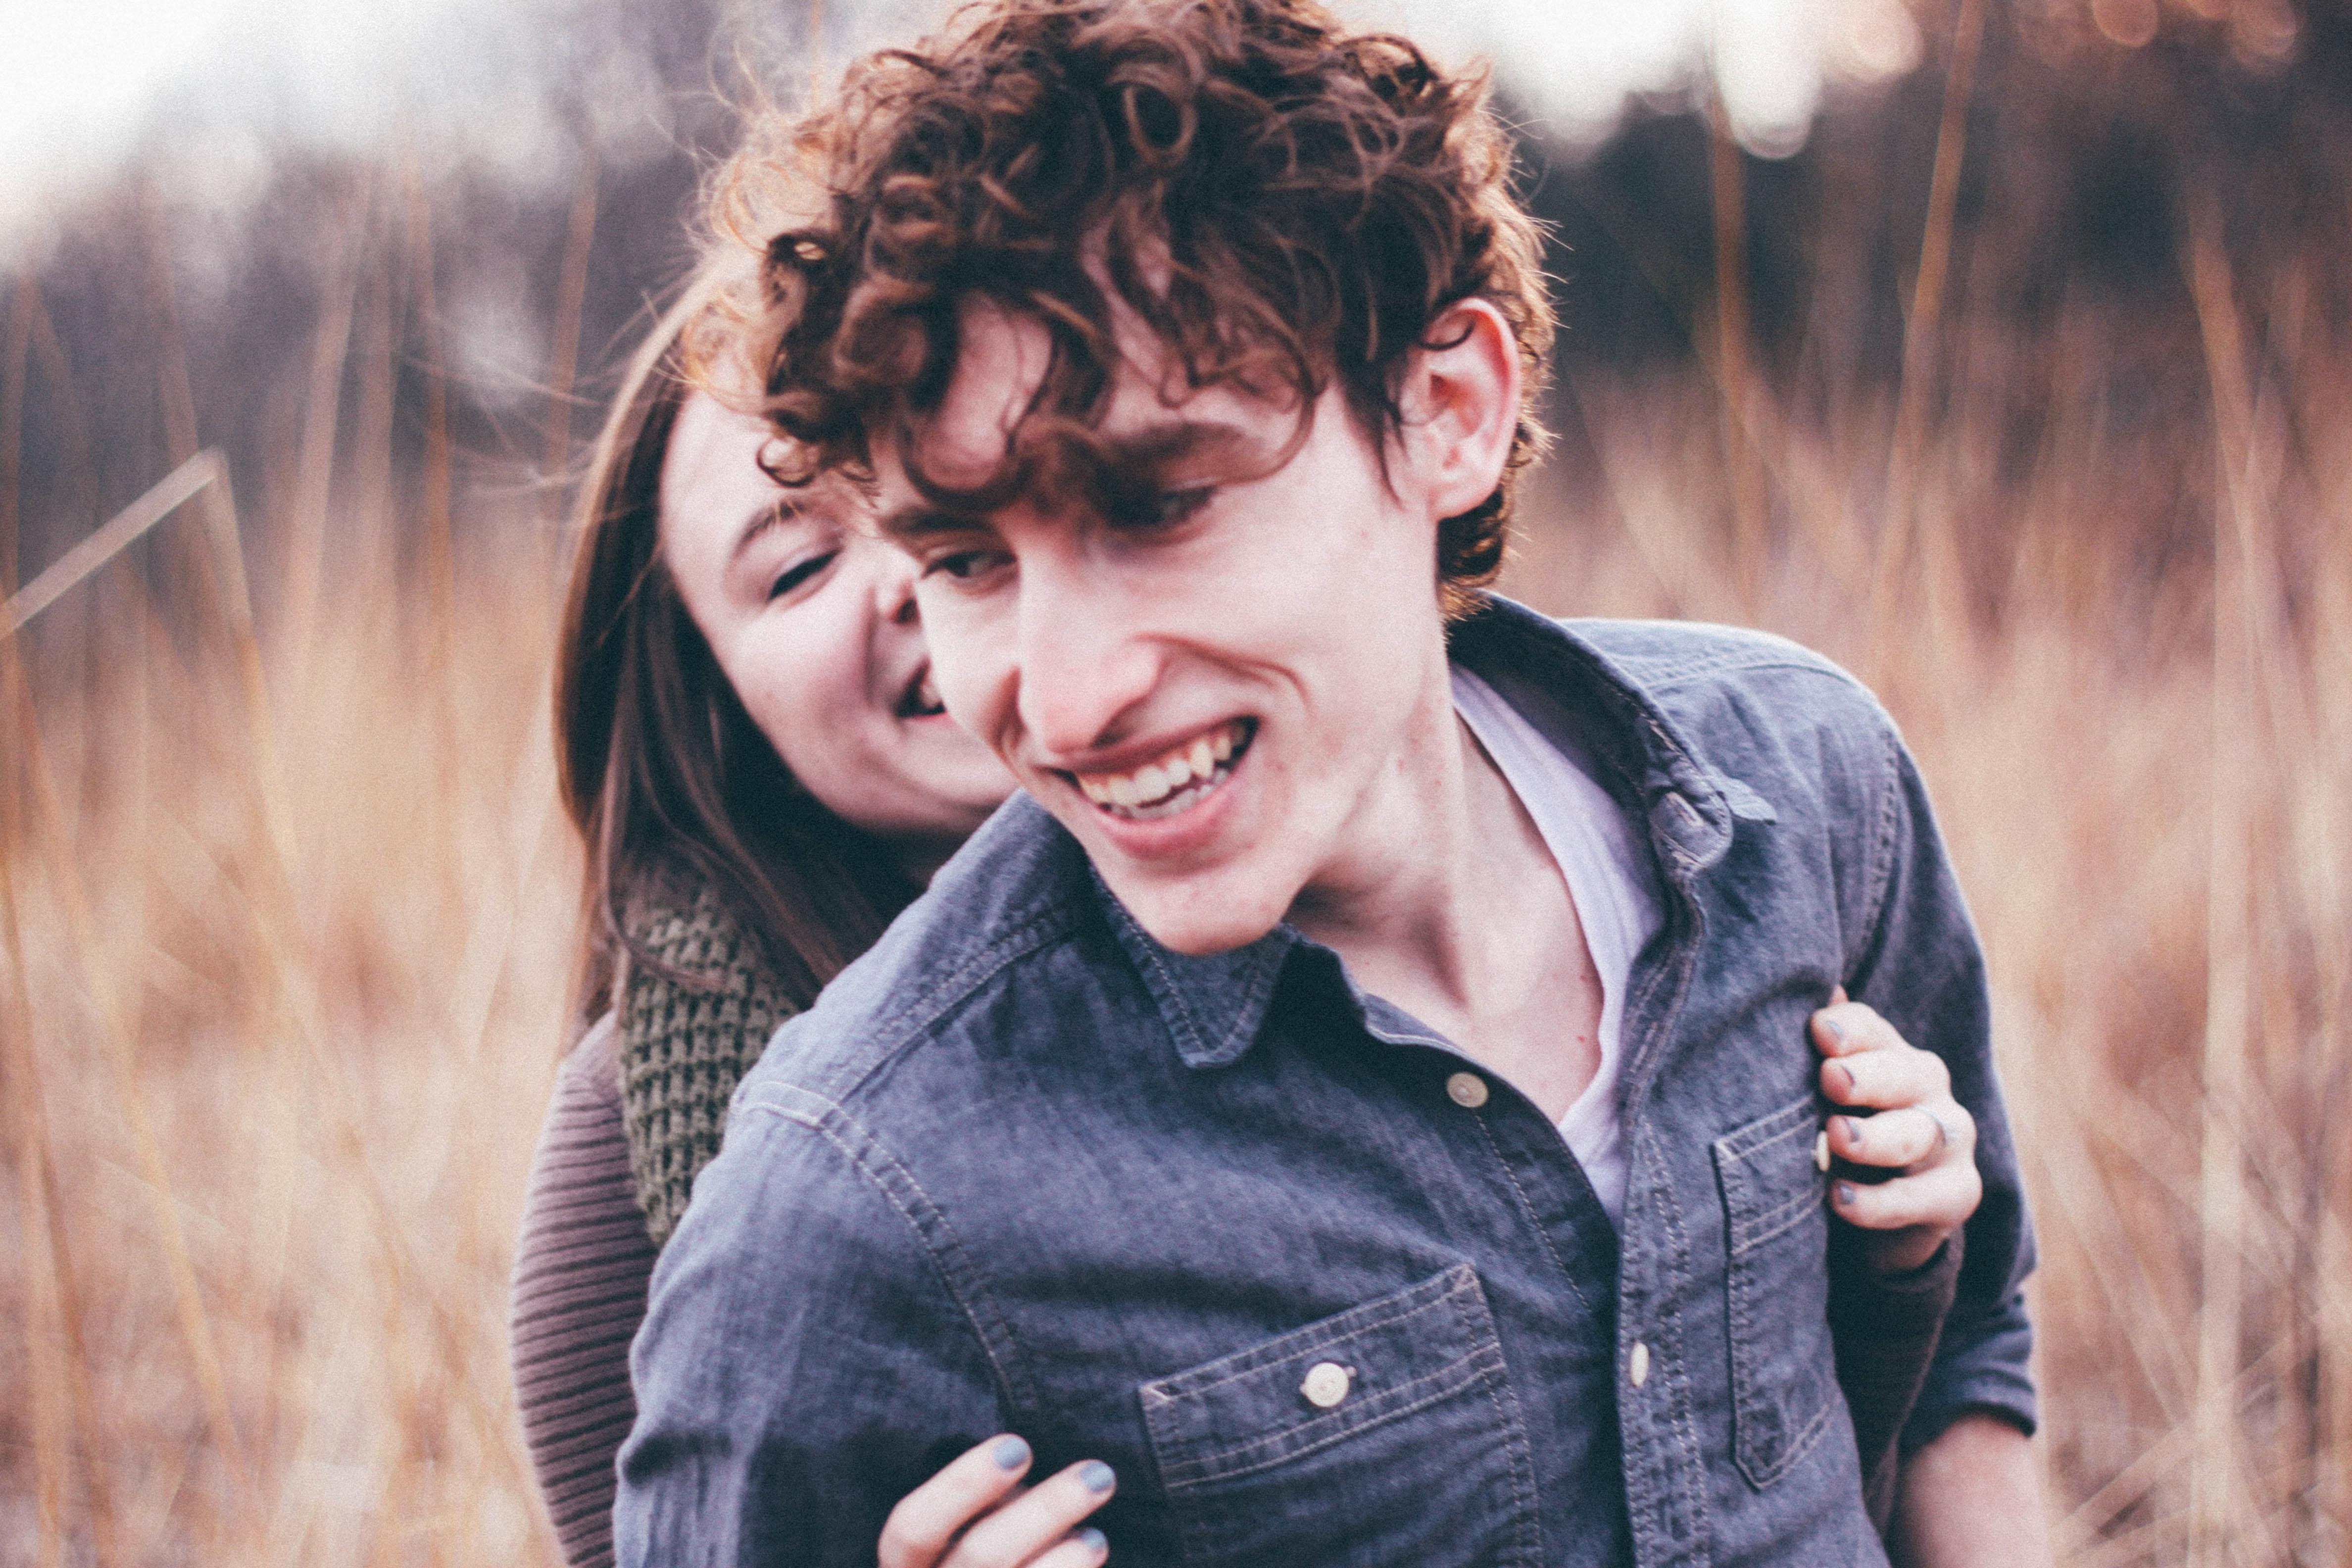 Gửi người yêu mới của người yêu cũ: Đừng dại dột mà ghen tuông với tình cảm đã qua - Ảnh 3.